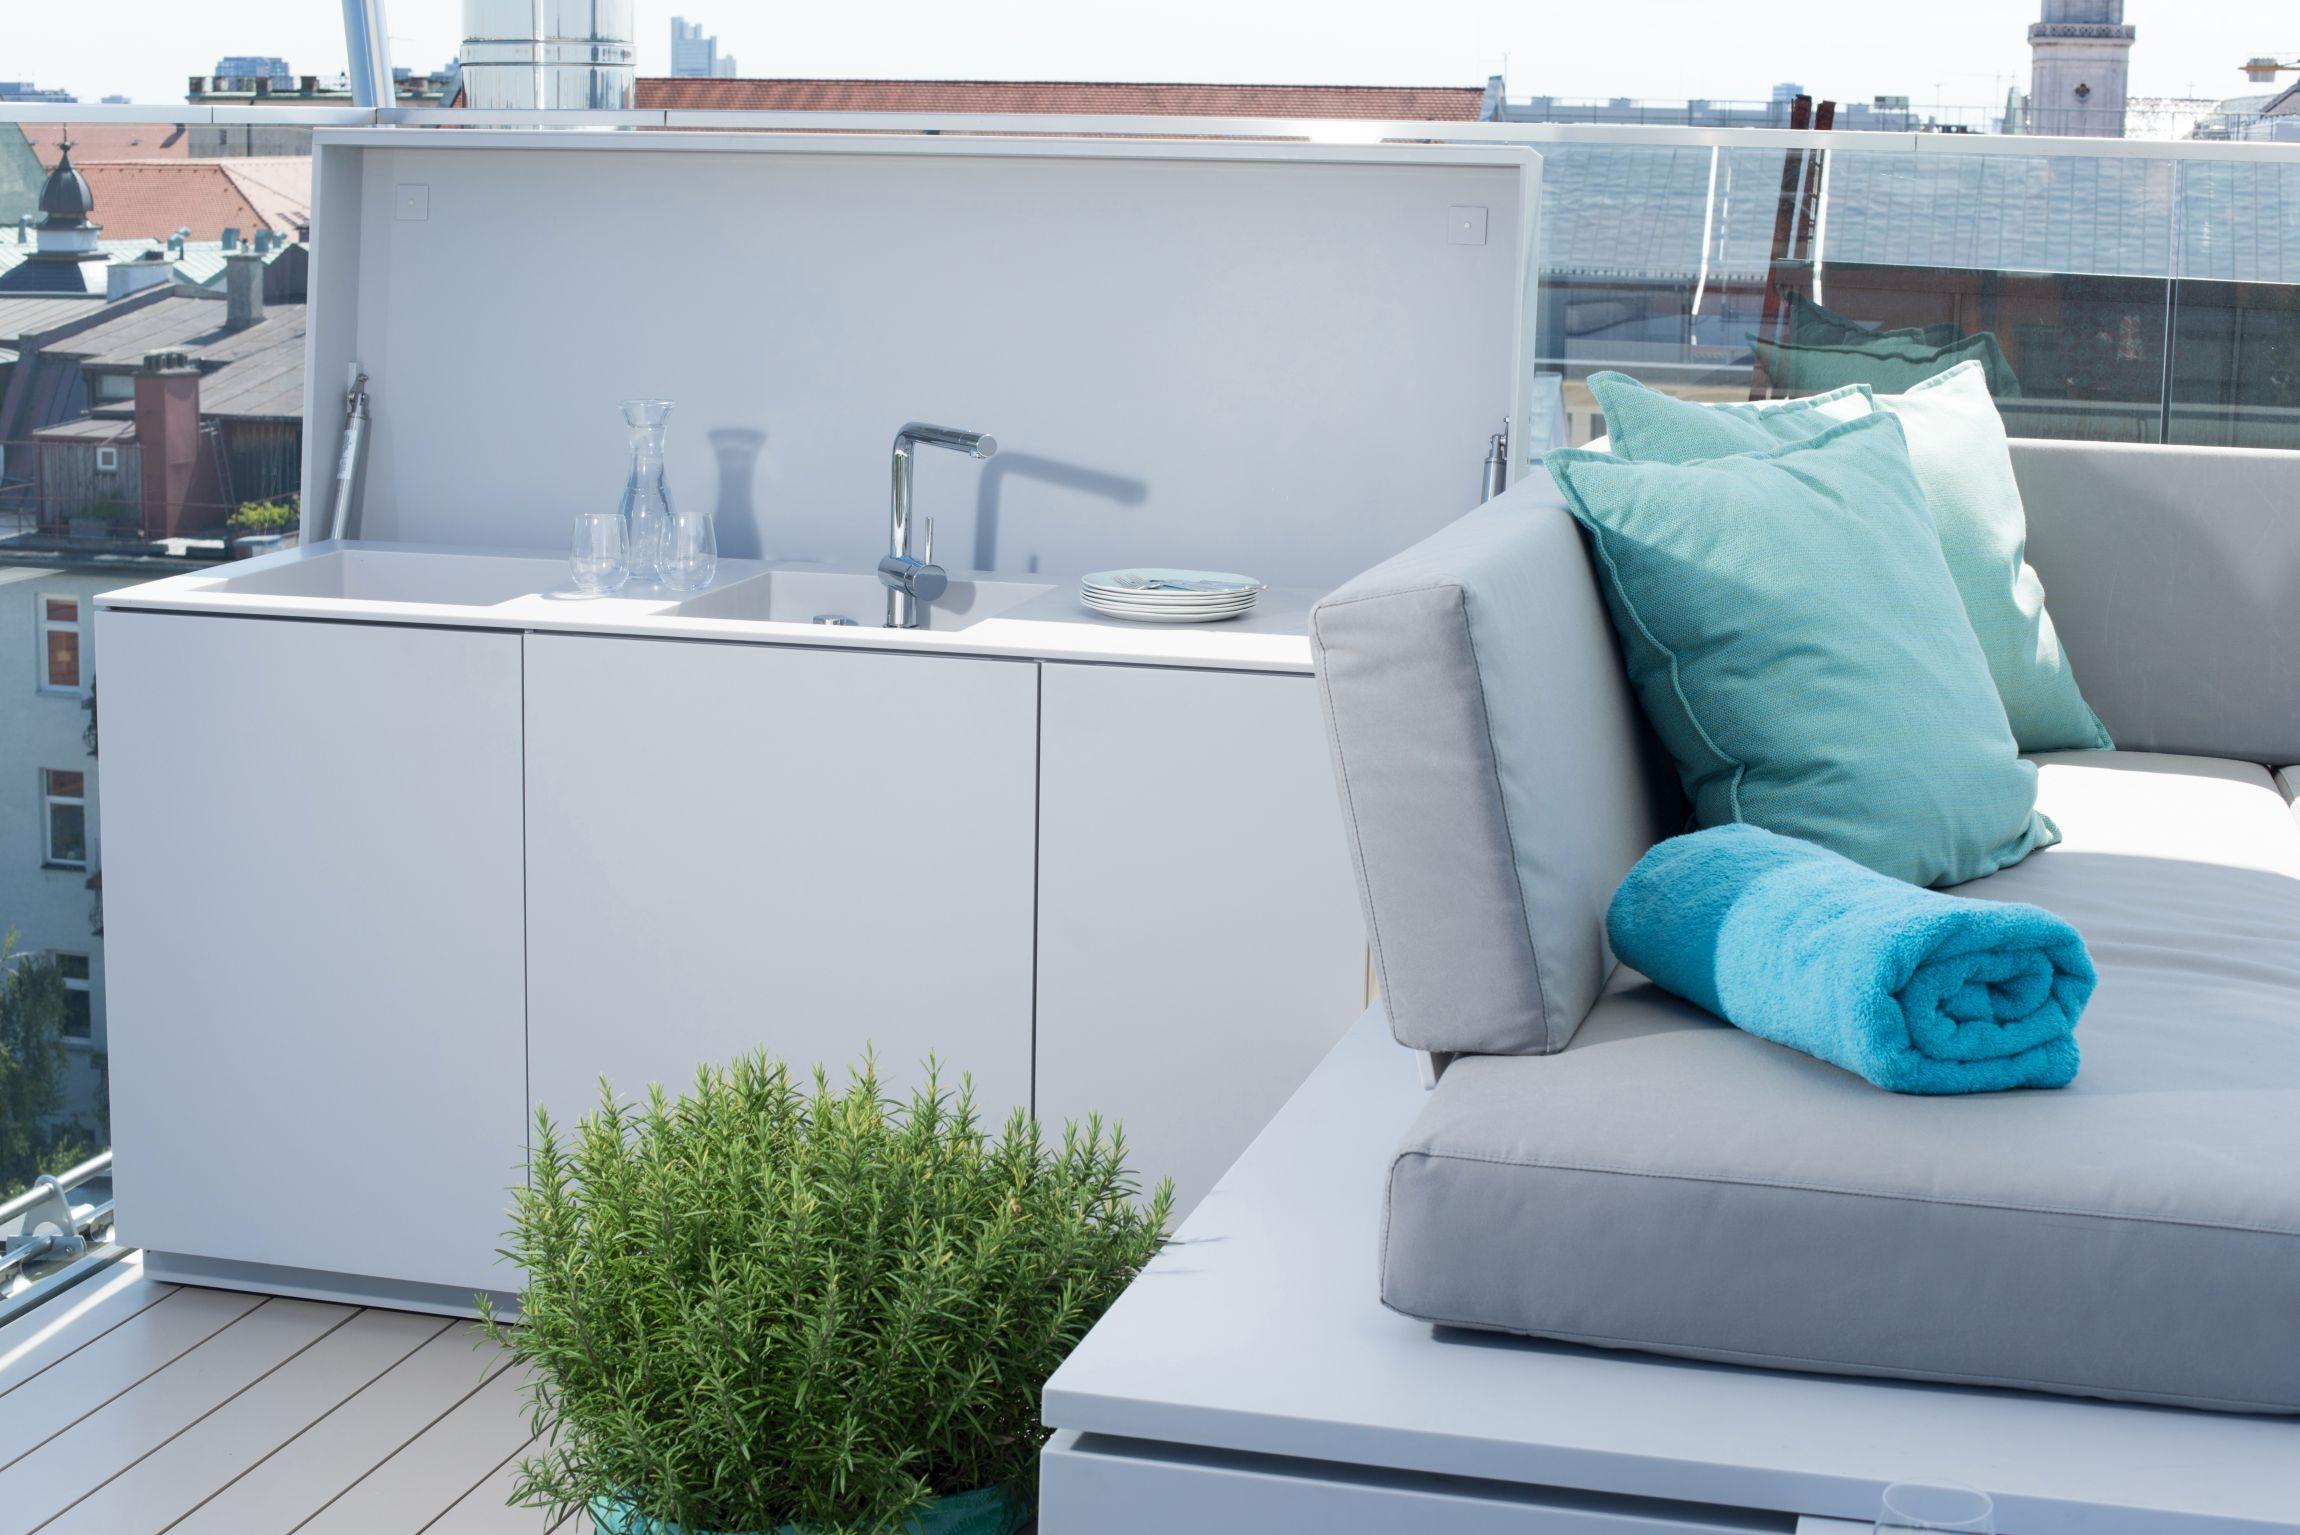 LG HIMACS Outdoor Küche Außenbereich Platten wasserfest resistent